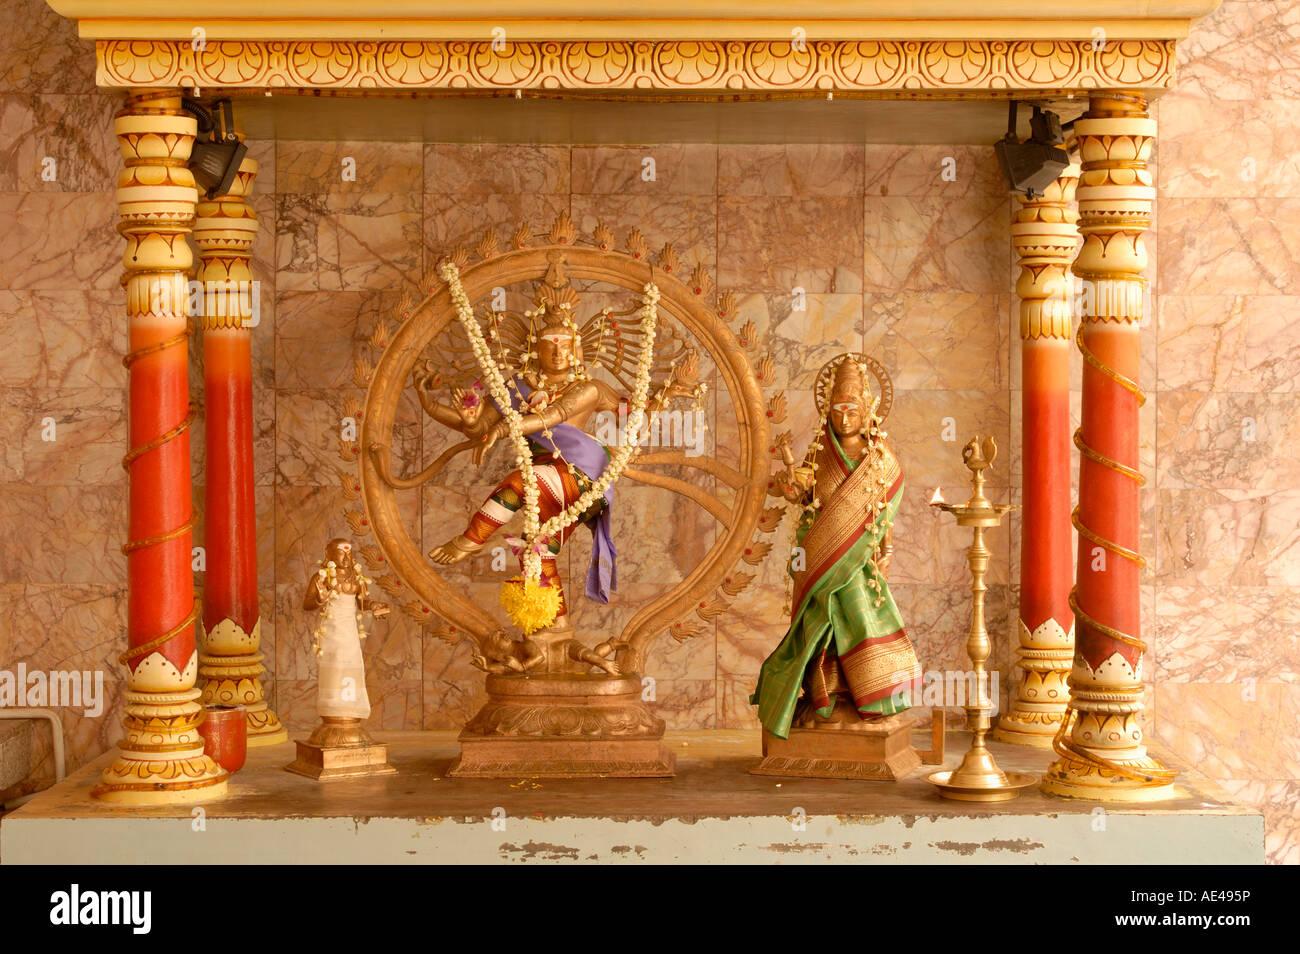 Santuario con divinità Indù, una danza Shiva, Al Maha Sri Mariamman Temple, Kuala Lumpur, Malesia, Asia Immagini Stock